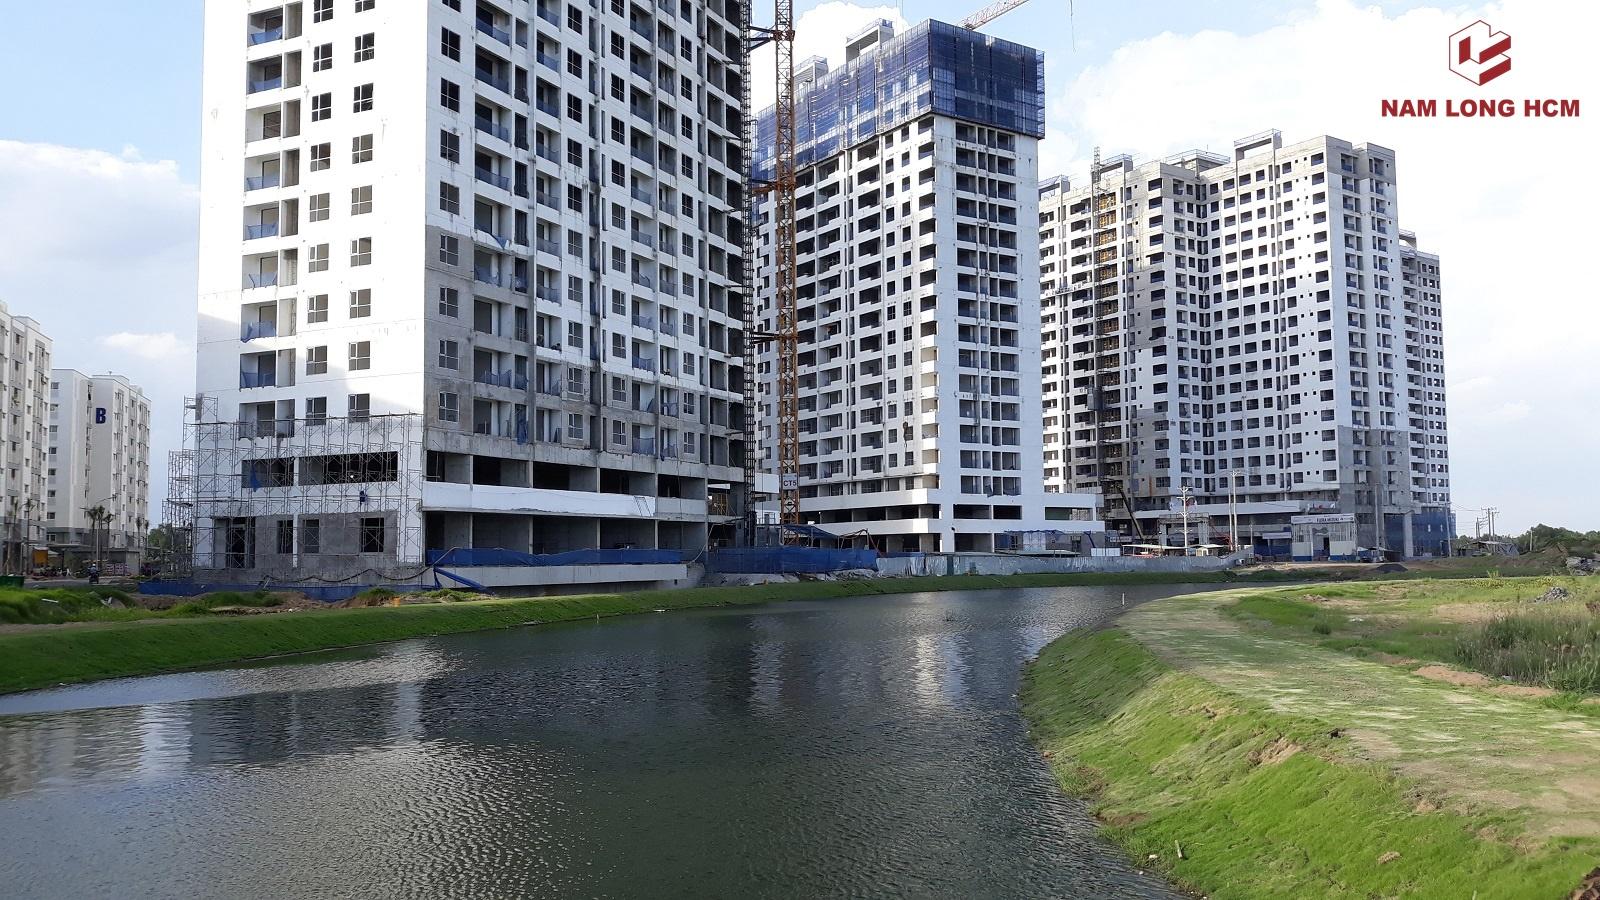 Đơn vị xây dựng Hòa Bình đang thi công khung nhôm kính, hệ thống cơ điện, điện lạnh tại các Block dự án Mizuki Park